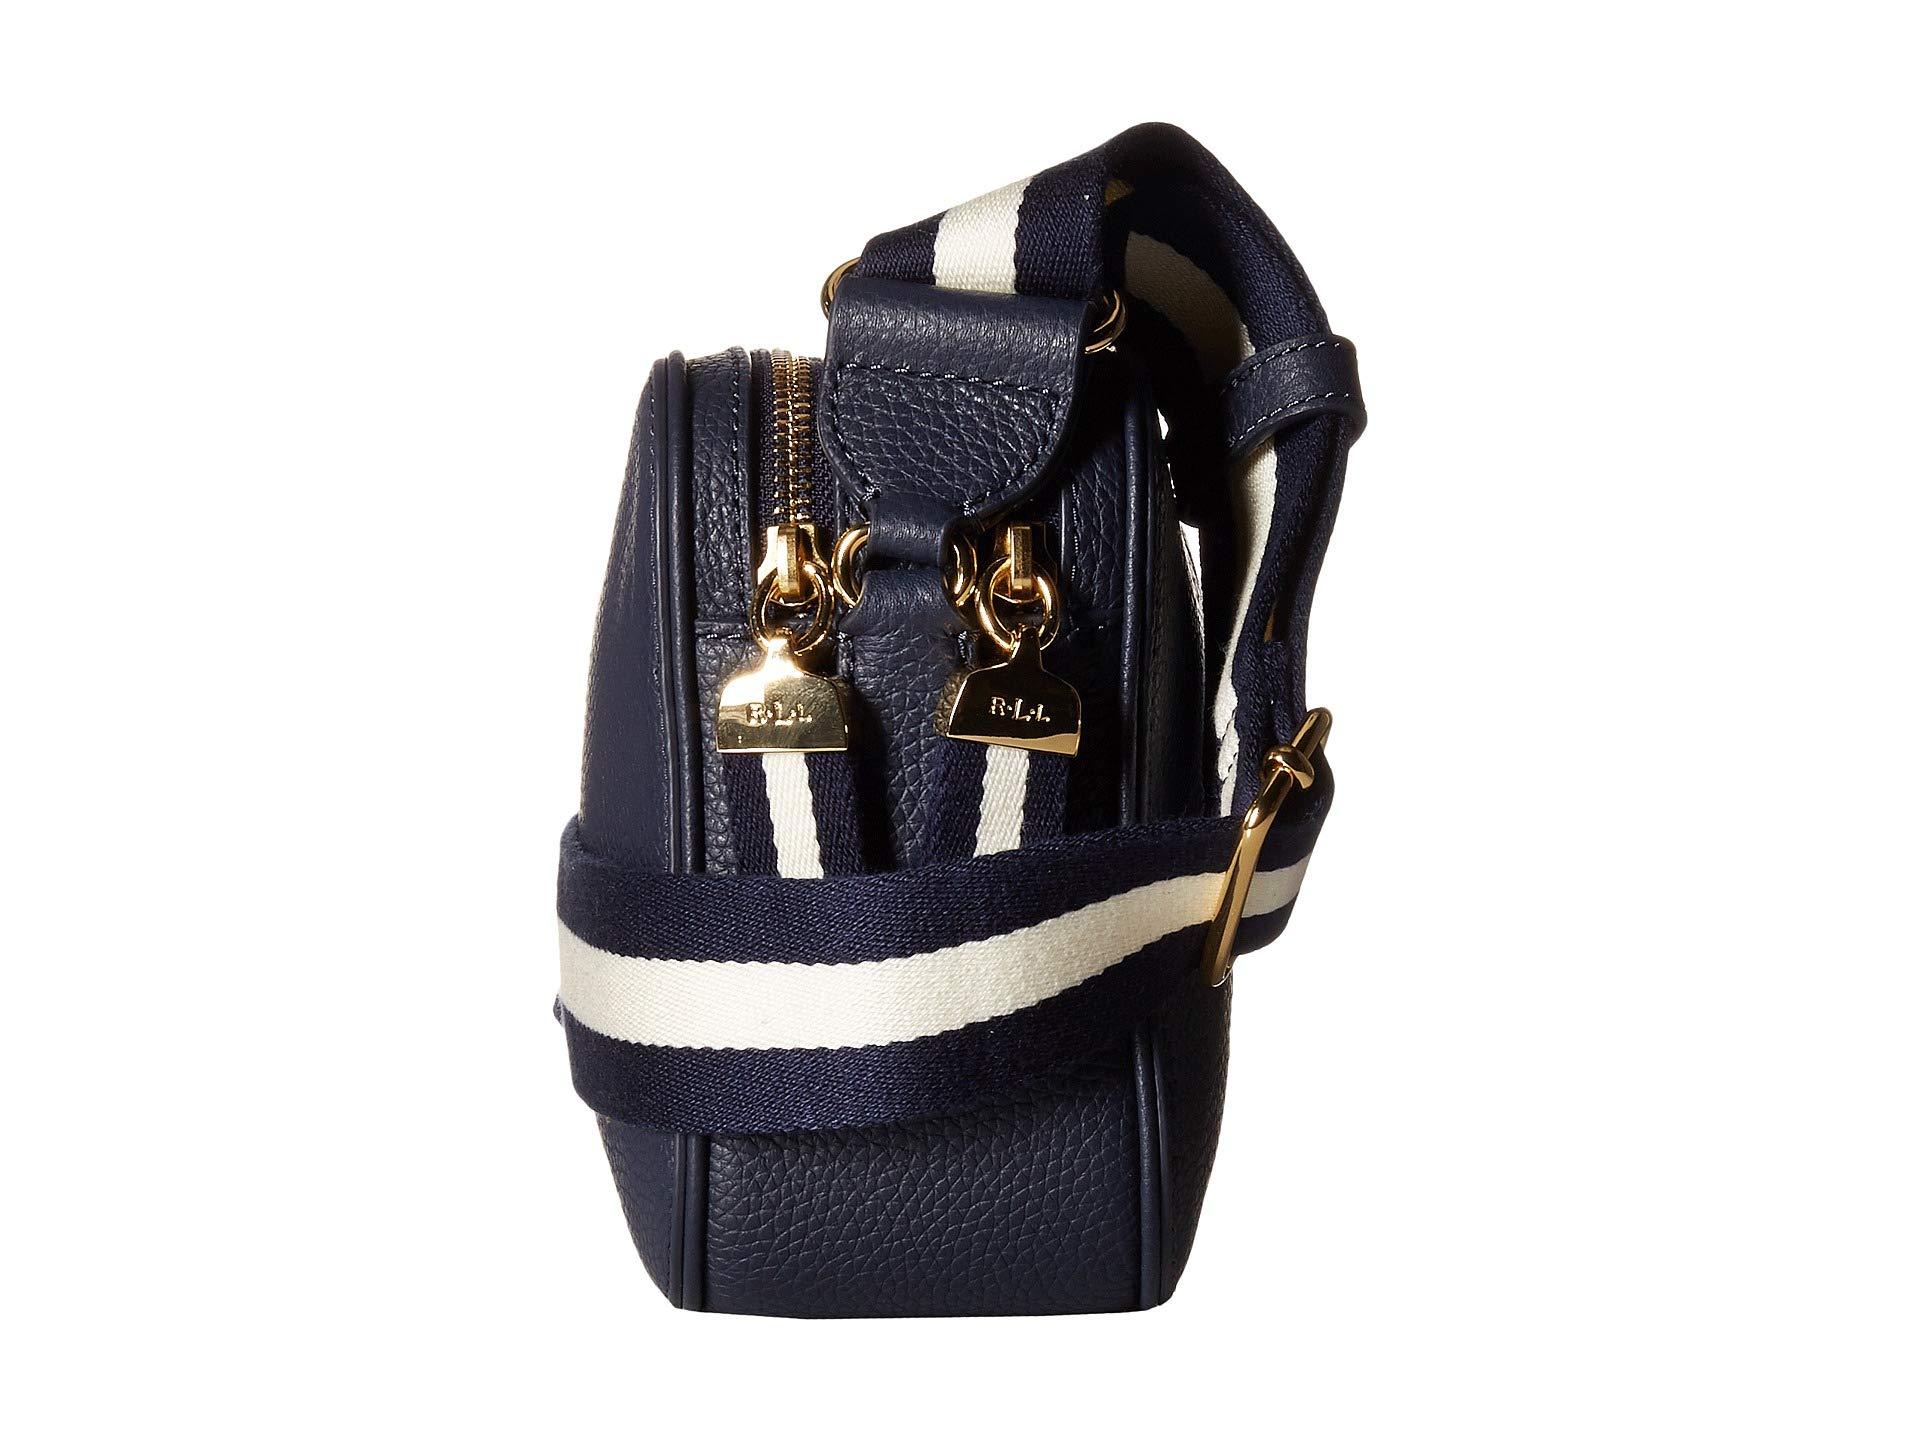 Lauren Huntley Bag Camera Ralph Navy S8rqBS5x